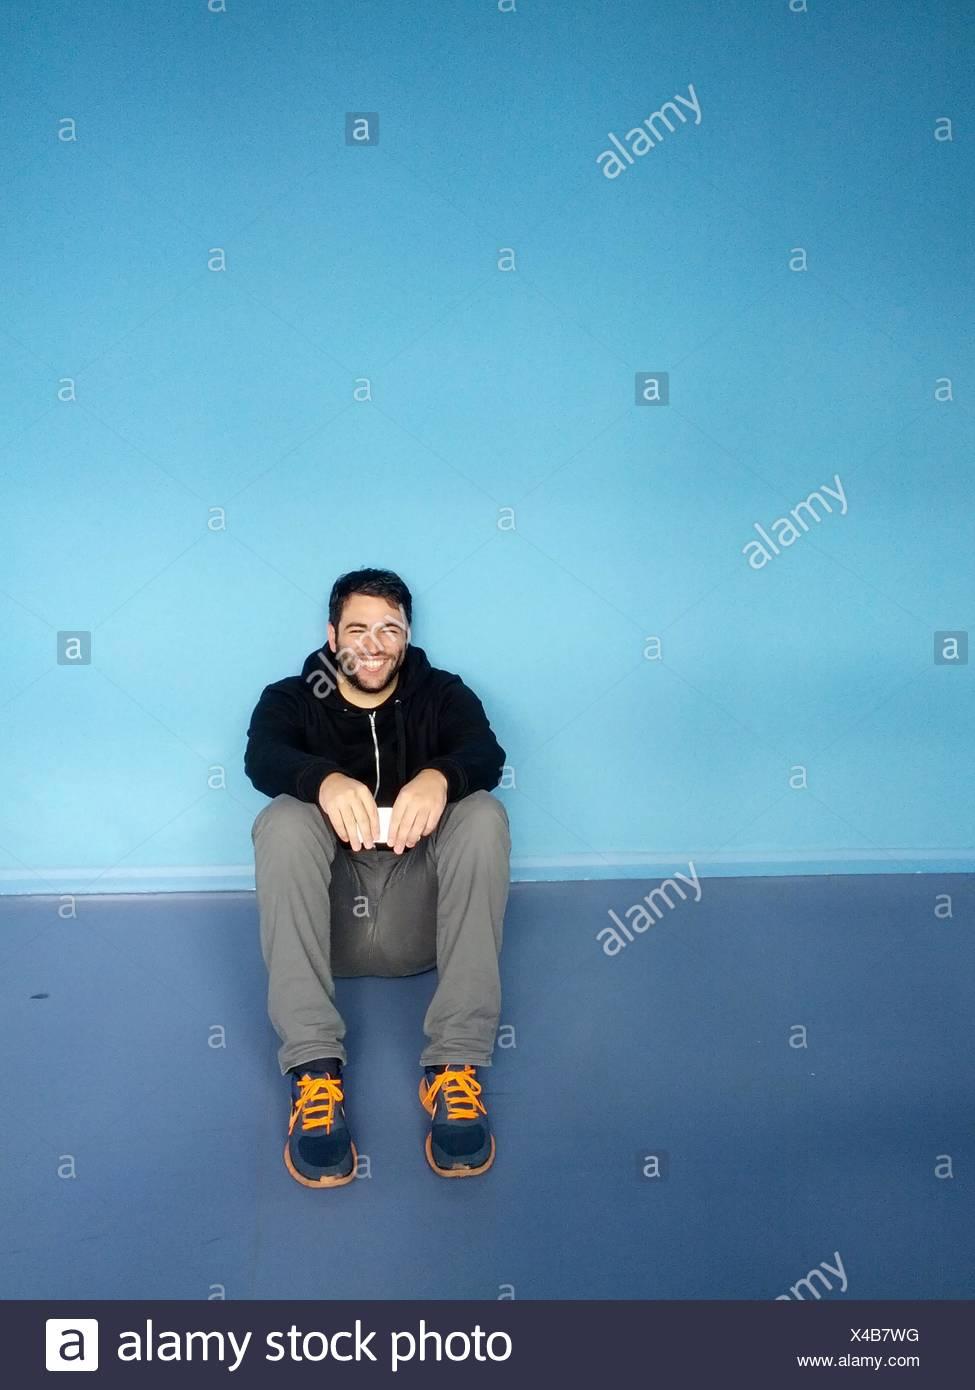 Porträt eines lächelnden jungen Mannes gegen blaue Wand sitzen Stockbild